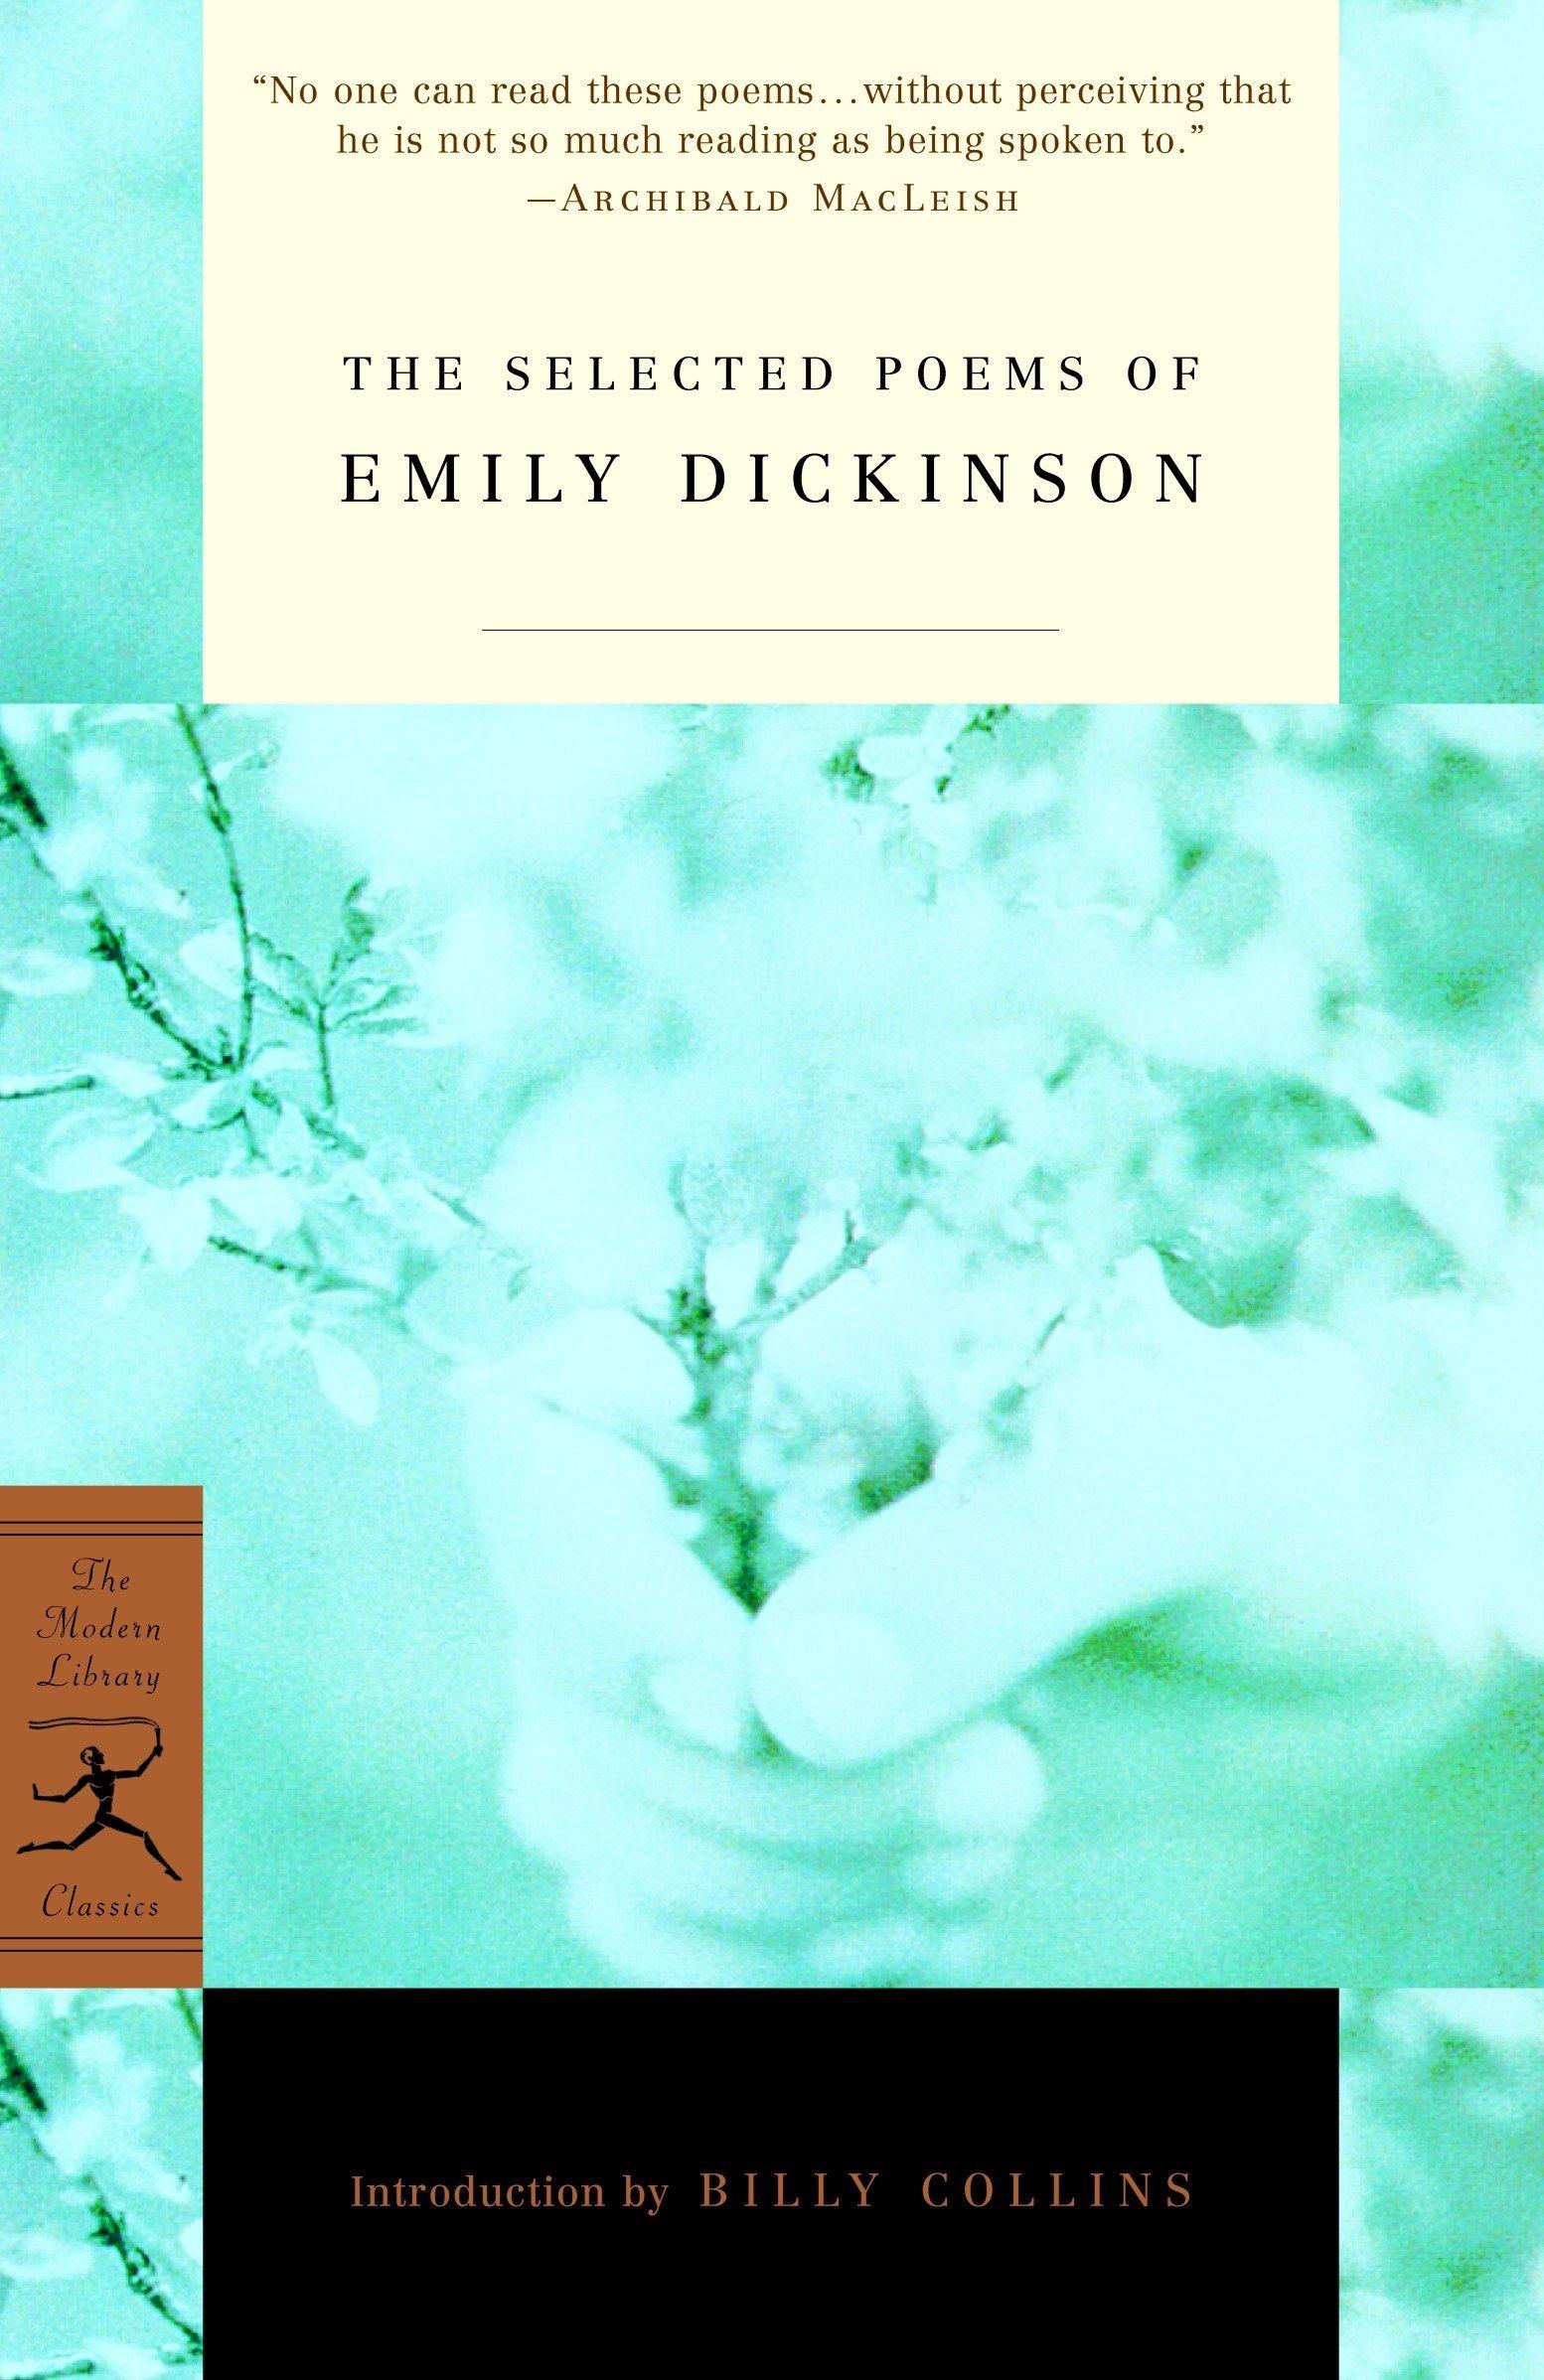 everyman Bibliothek Gratis Neues Buch Dickinson Briefe Von Emily Dickinson